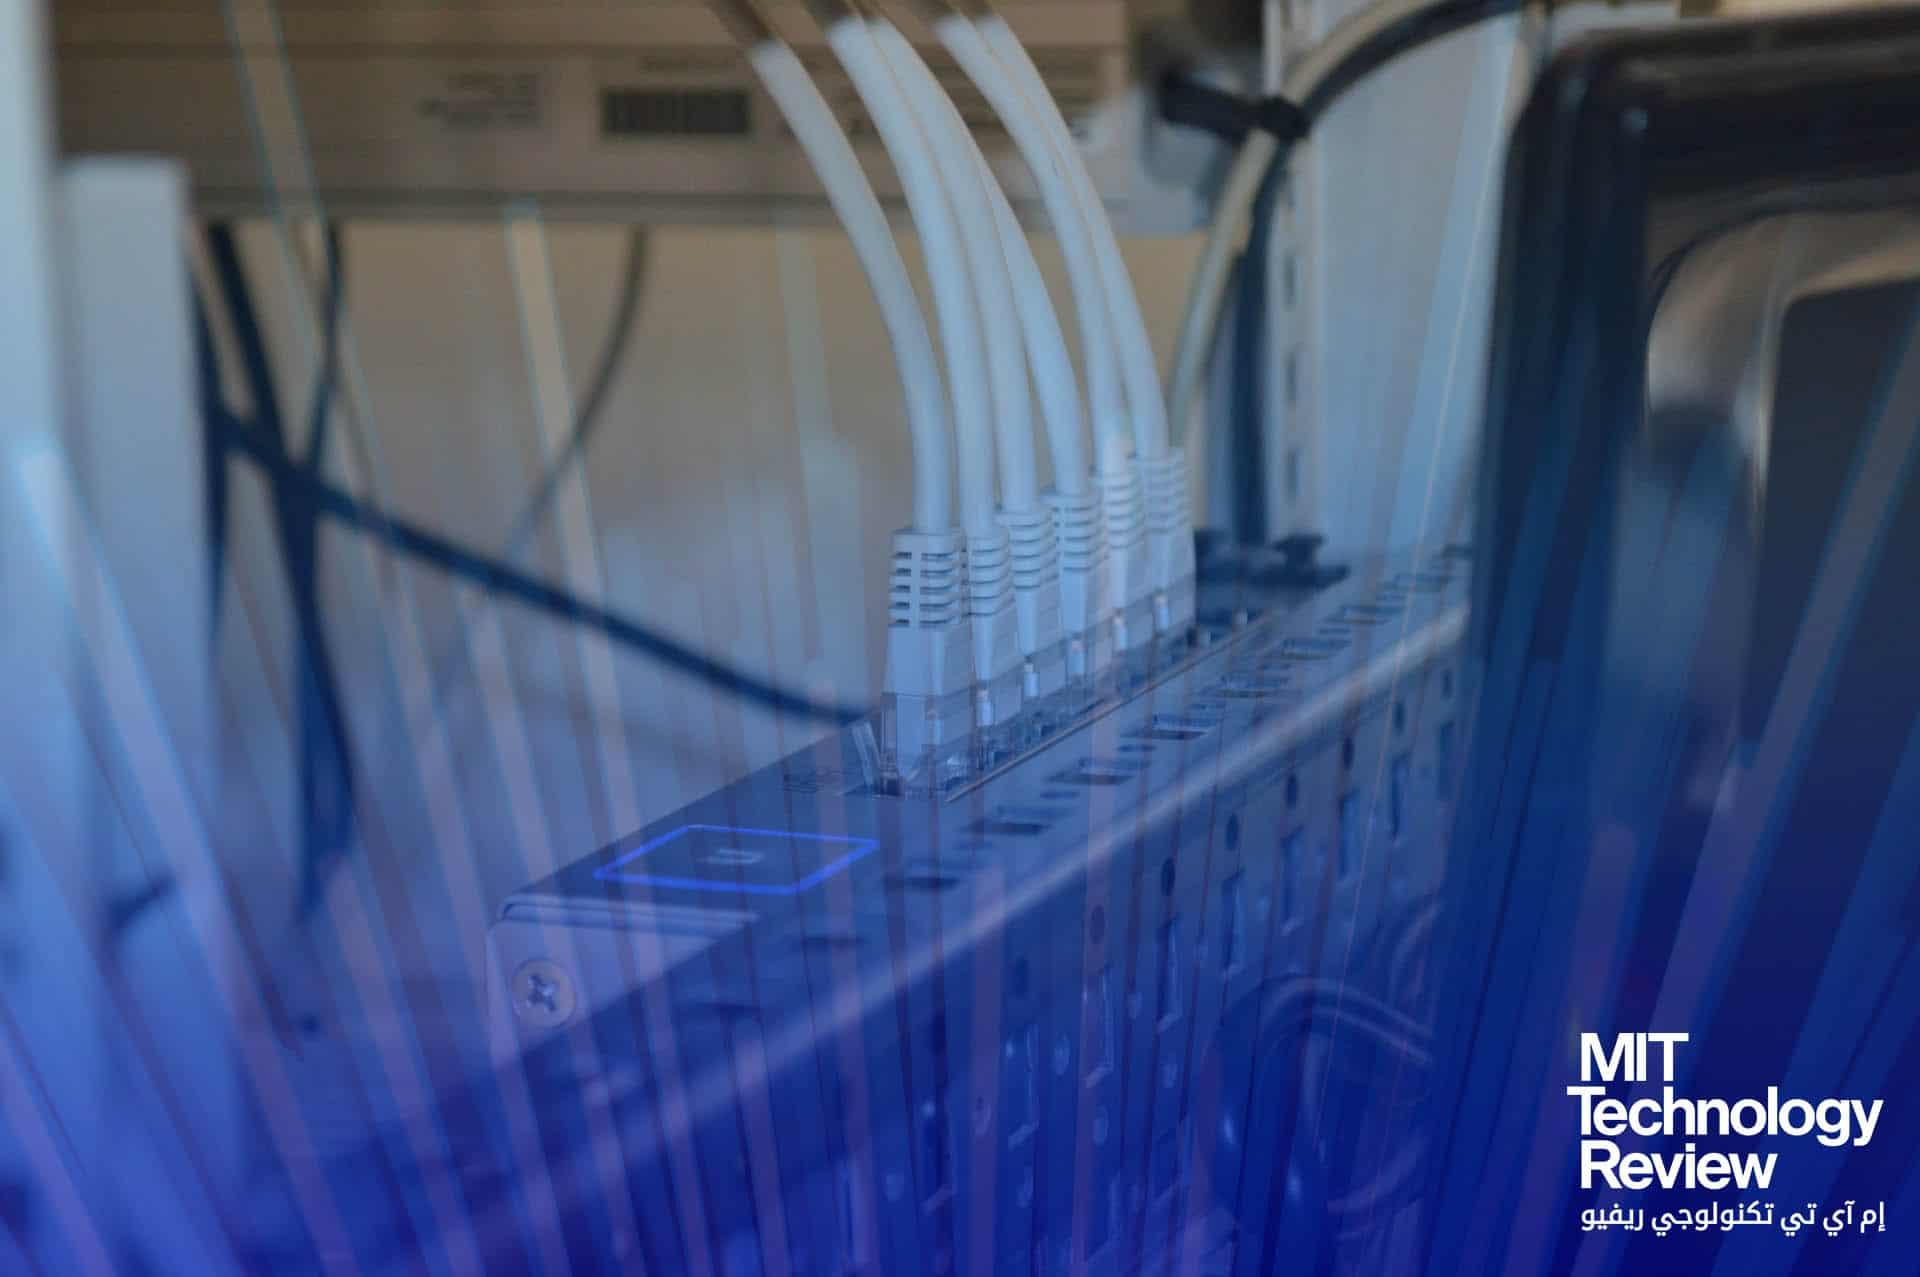 تحقيق رقم قياسي عالمي جديد في مجال سرعة شبكة الإنترنت